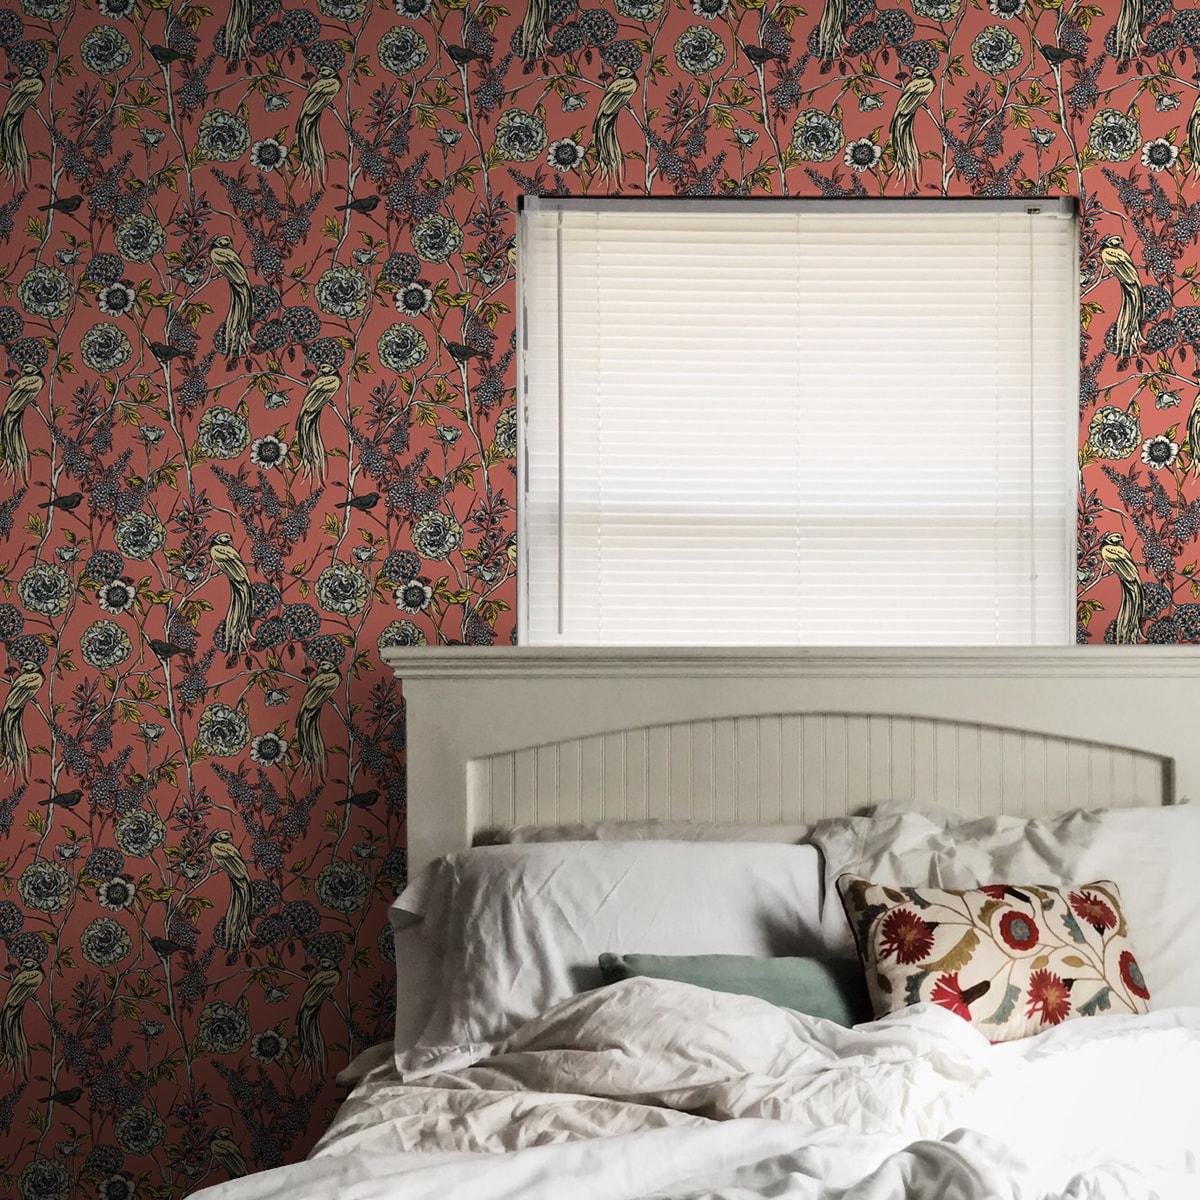 """Tolle Tapete """"Victorias Treasure"""" mit Paradies Vögeln und Blumen in orange - großer Rapport angepasst an Little Greene Wandfarben"""